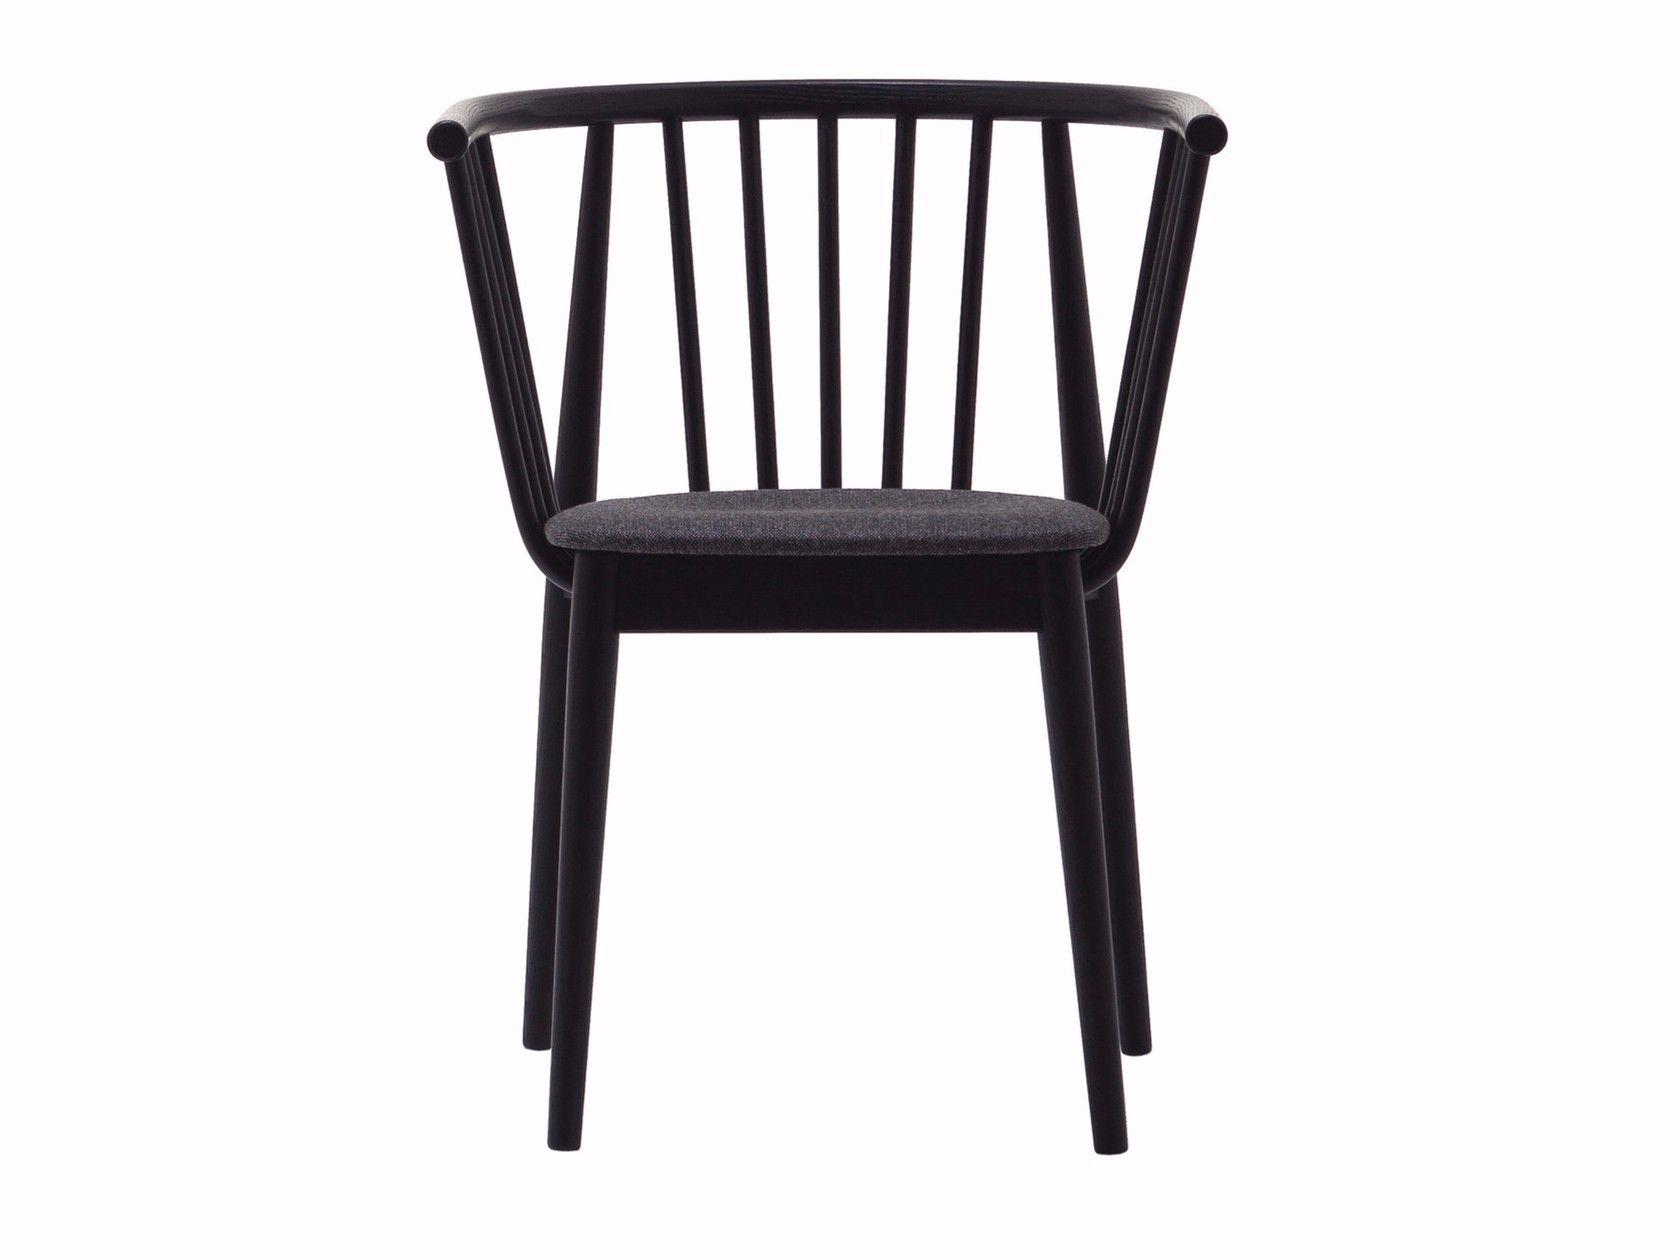 Cizeta Sedie ~ Sedia in frassino con braccioli con cuscino integrato tivoli sedia